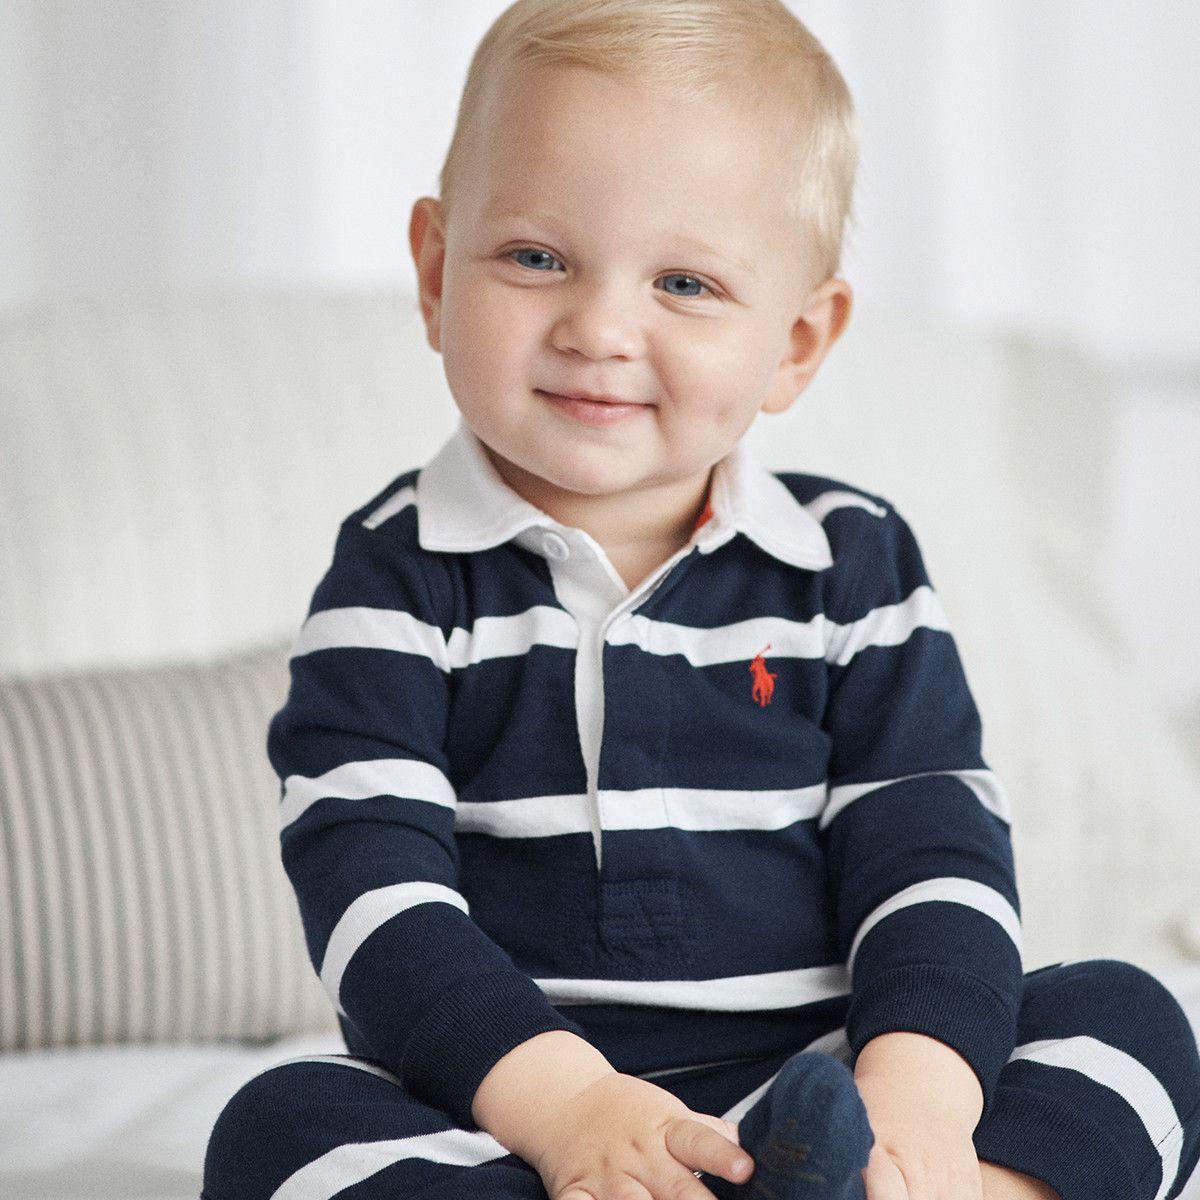 Ralph Lauren Kids Clothing - Macys-8967